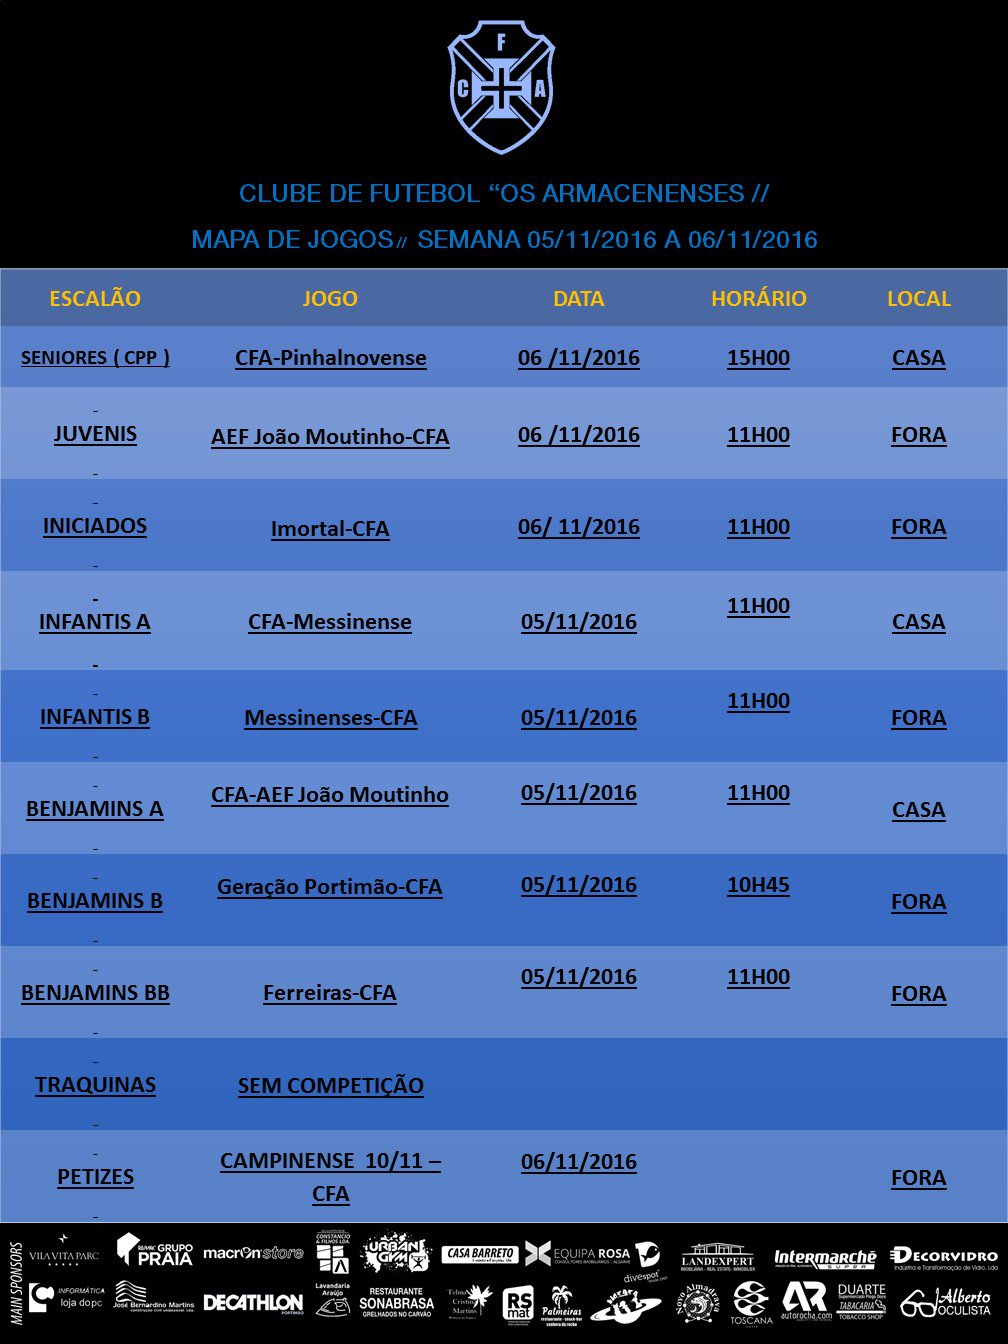 MAPA DE JOGOS DO FIM-DE-SEMANA DE 5 E 6 NOV